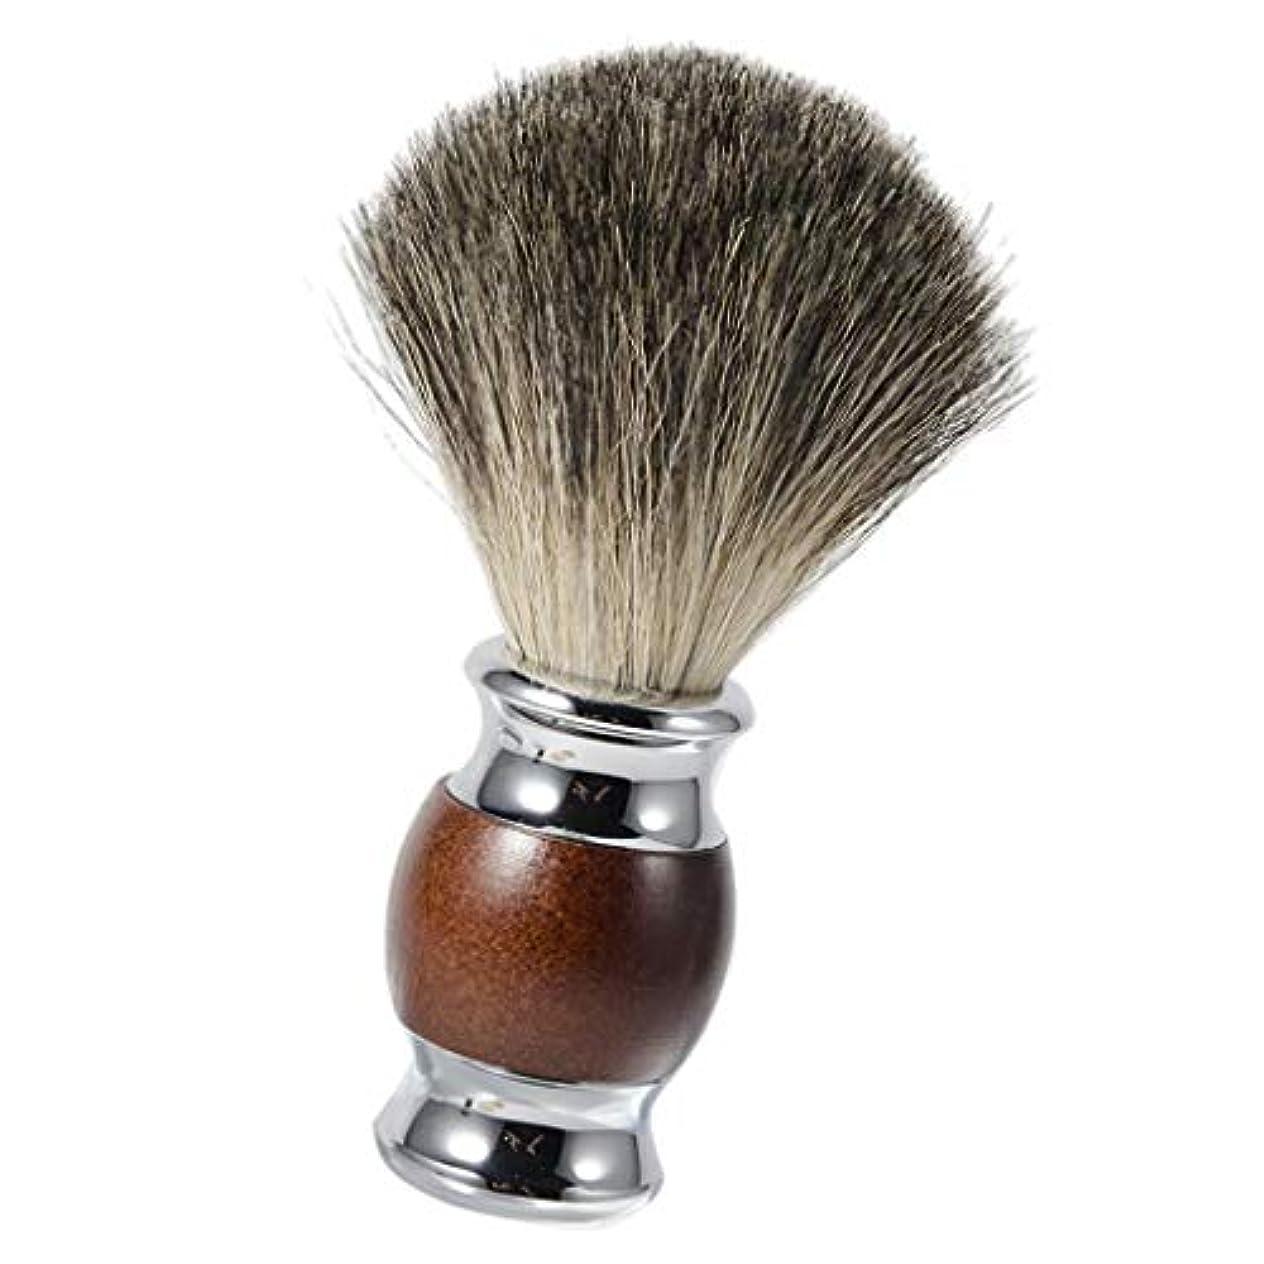 食べる第緩めるメンズ用 髭剃り ブラシ シェービングブラシ 木製ハンドル 理容 洗顔 髭剃り ギフト